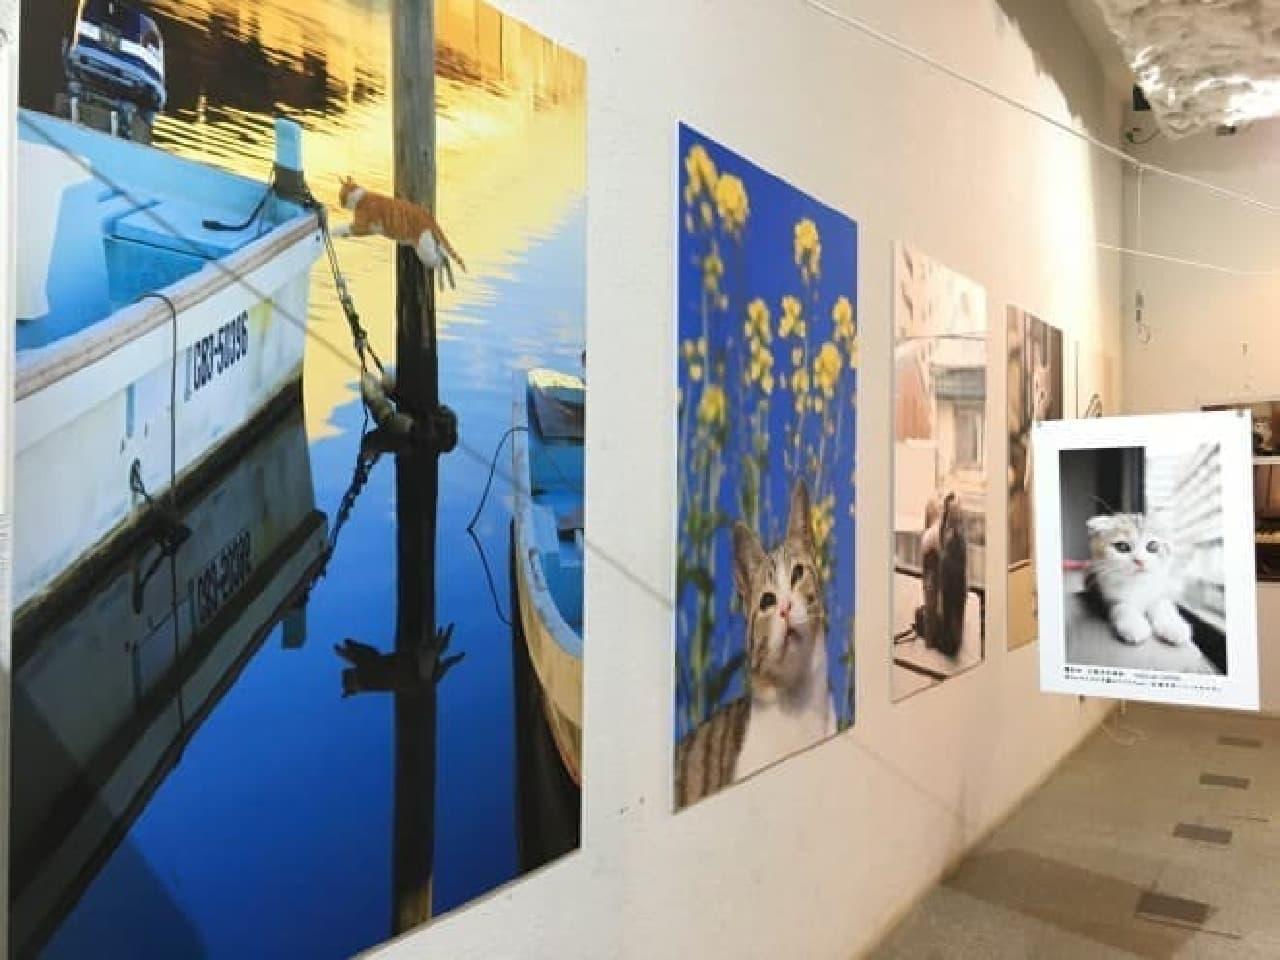 「五十嵐健太のもふもふ猫写真展」、えさし藤原の郷 天空館で